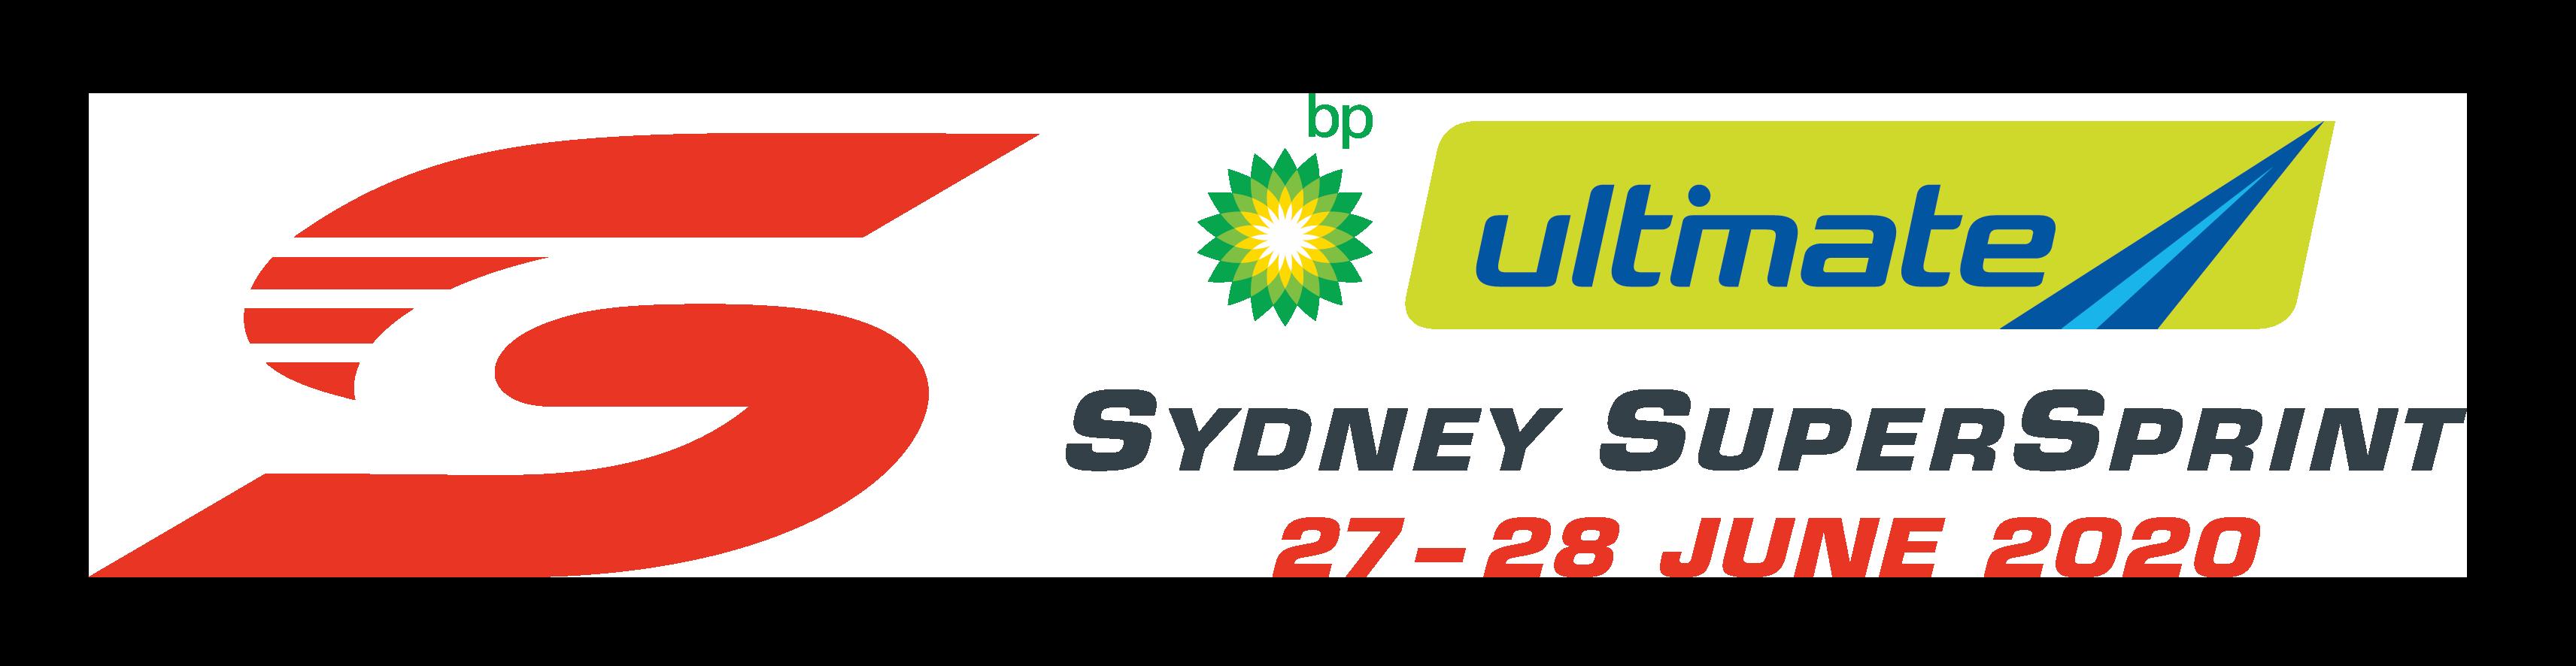 V8 Supercars - BP Ultimate Sydney SuperSprint